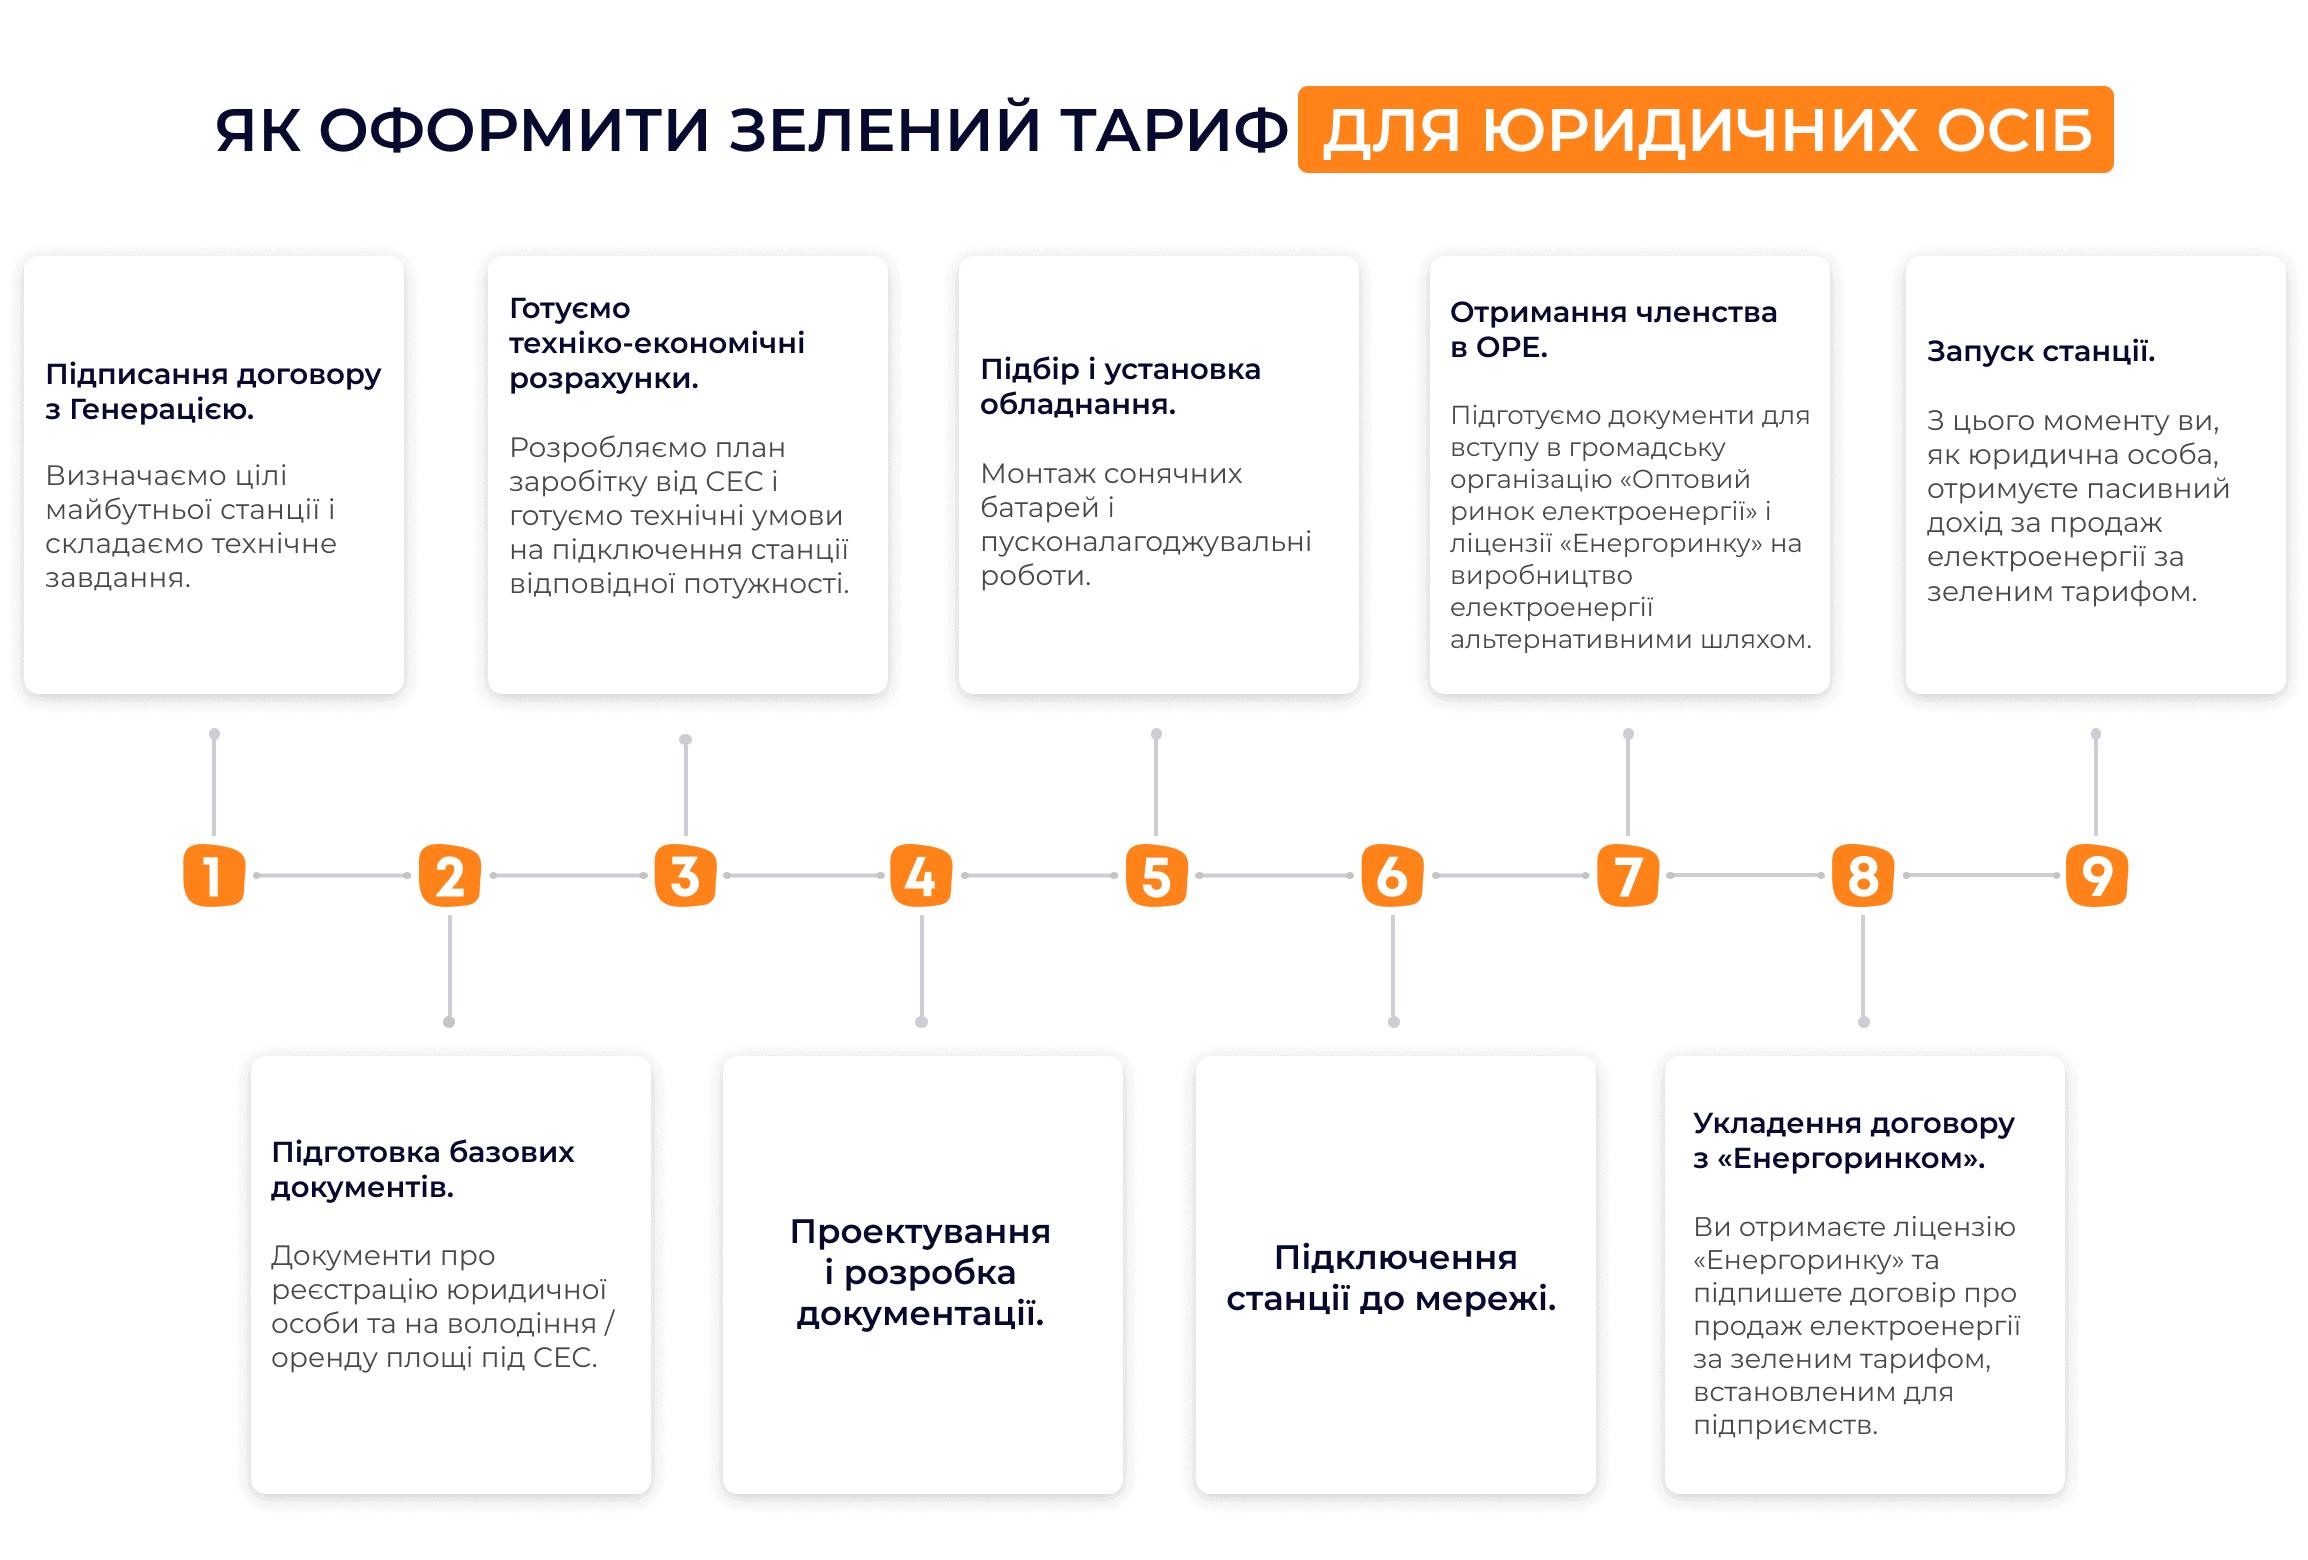 Етапи підключення зеленого тарифу для підприємств